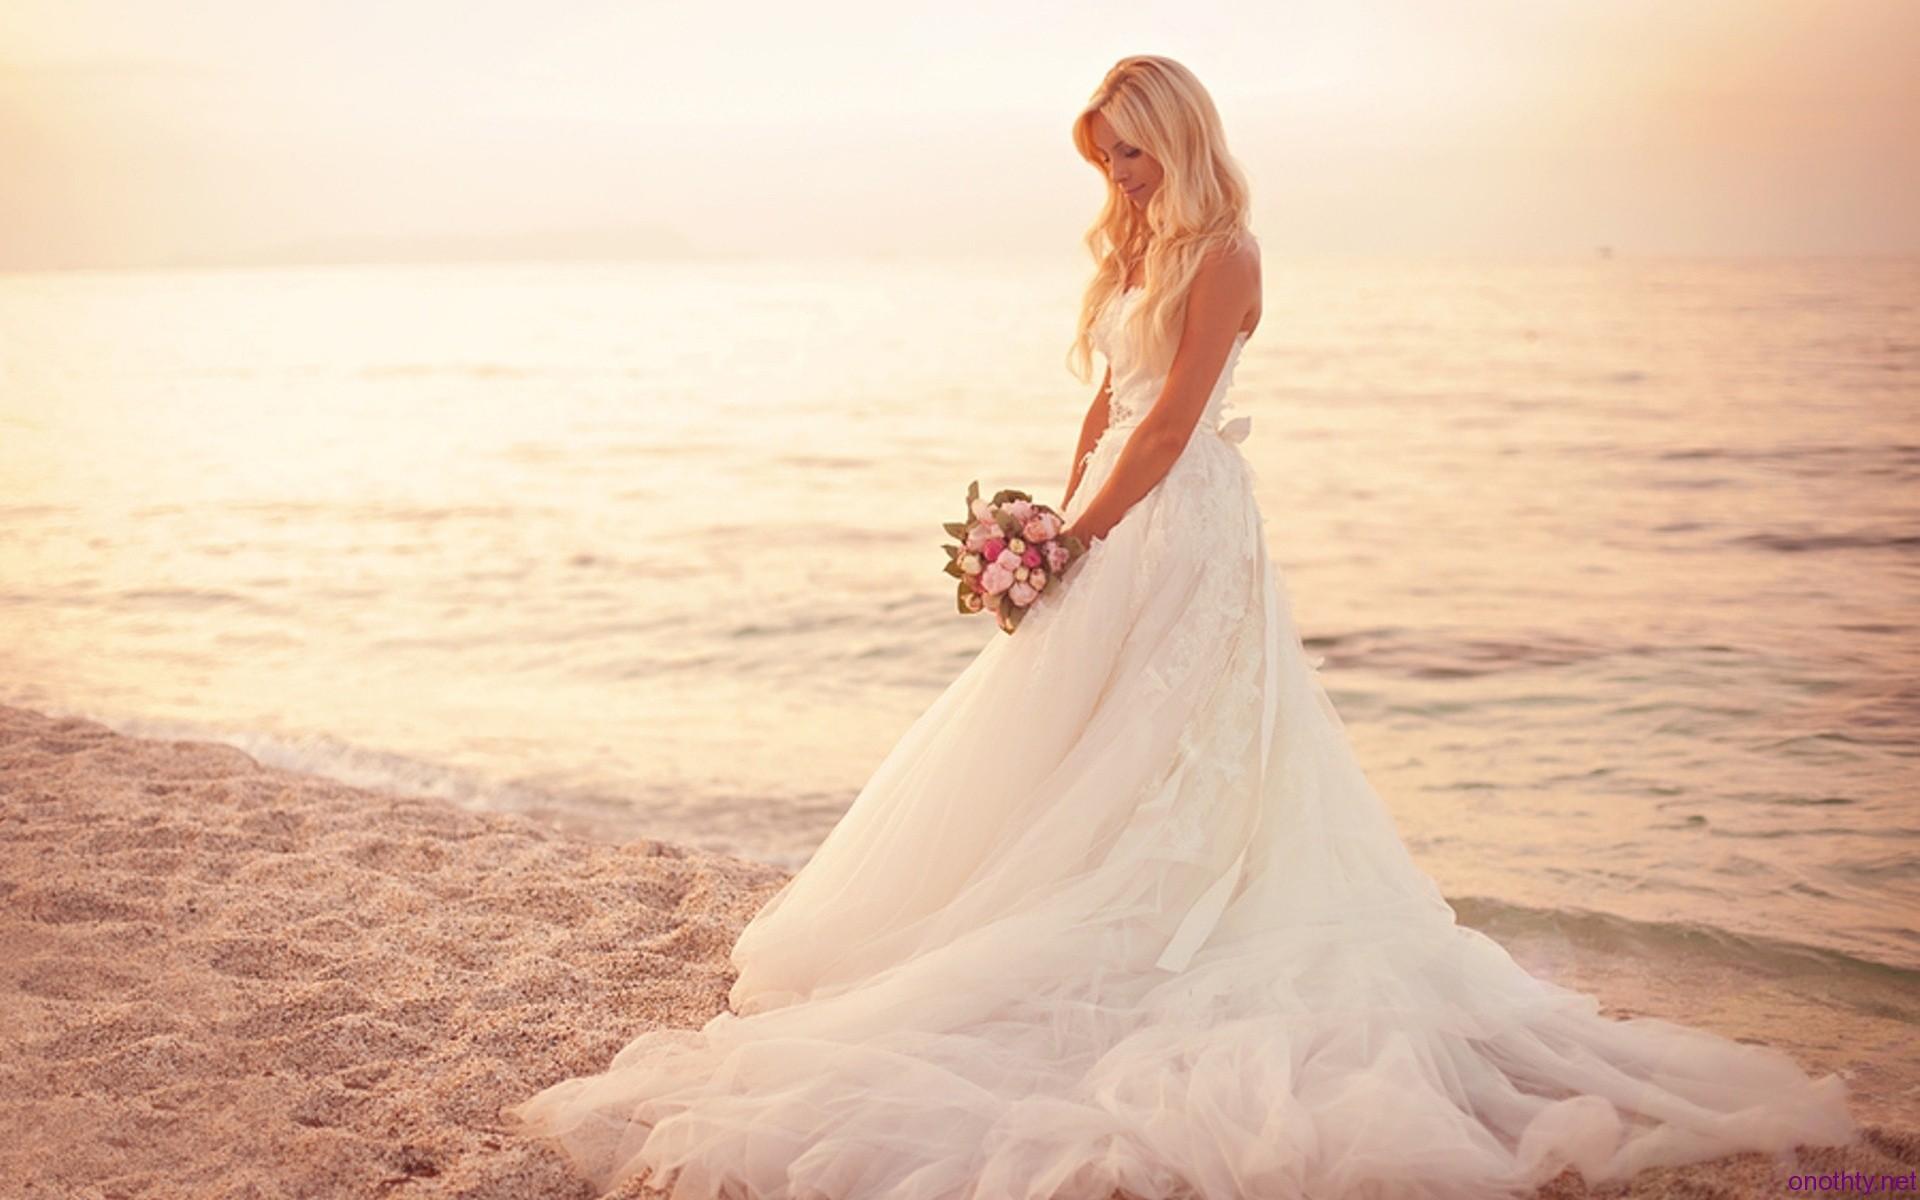 結婚内祝い(結婚祝いのお返し)はどうする?!大事なルールとマナー9選